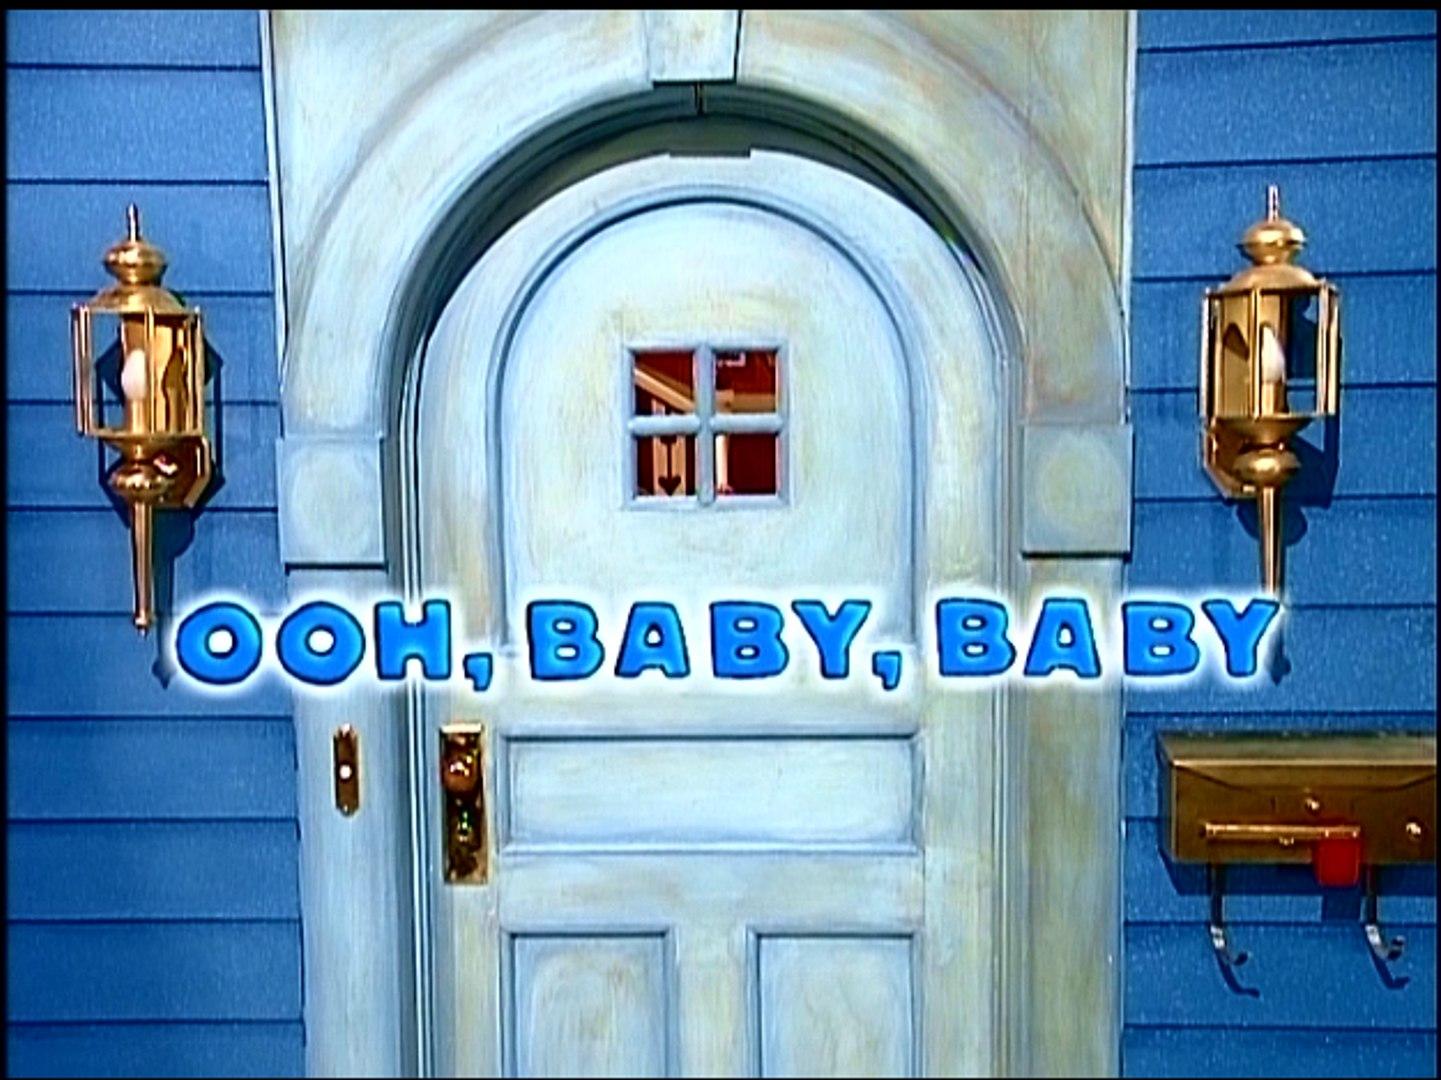 Ooh, Baby, Baby